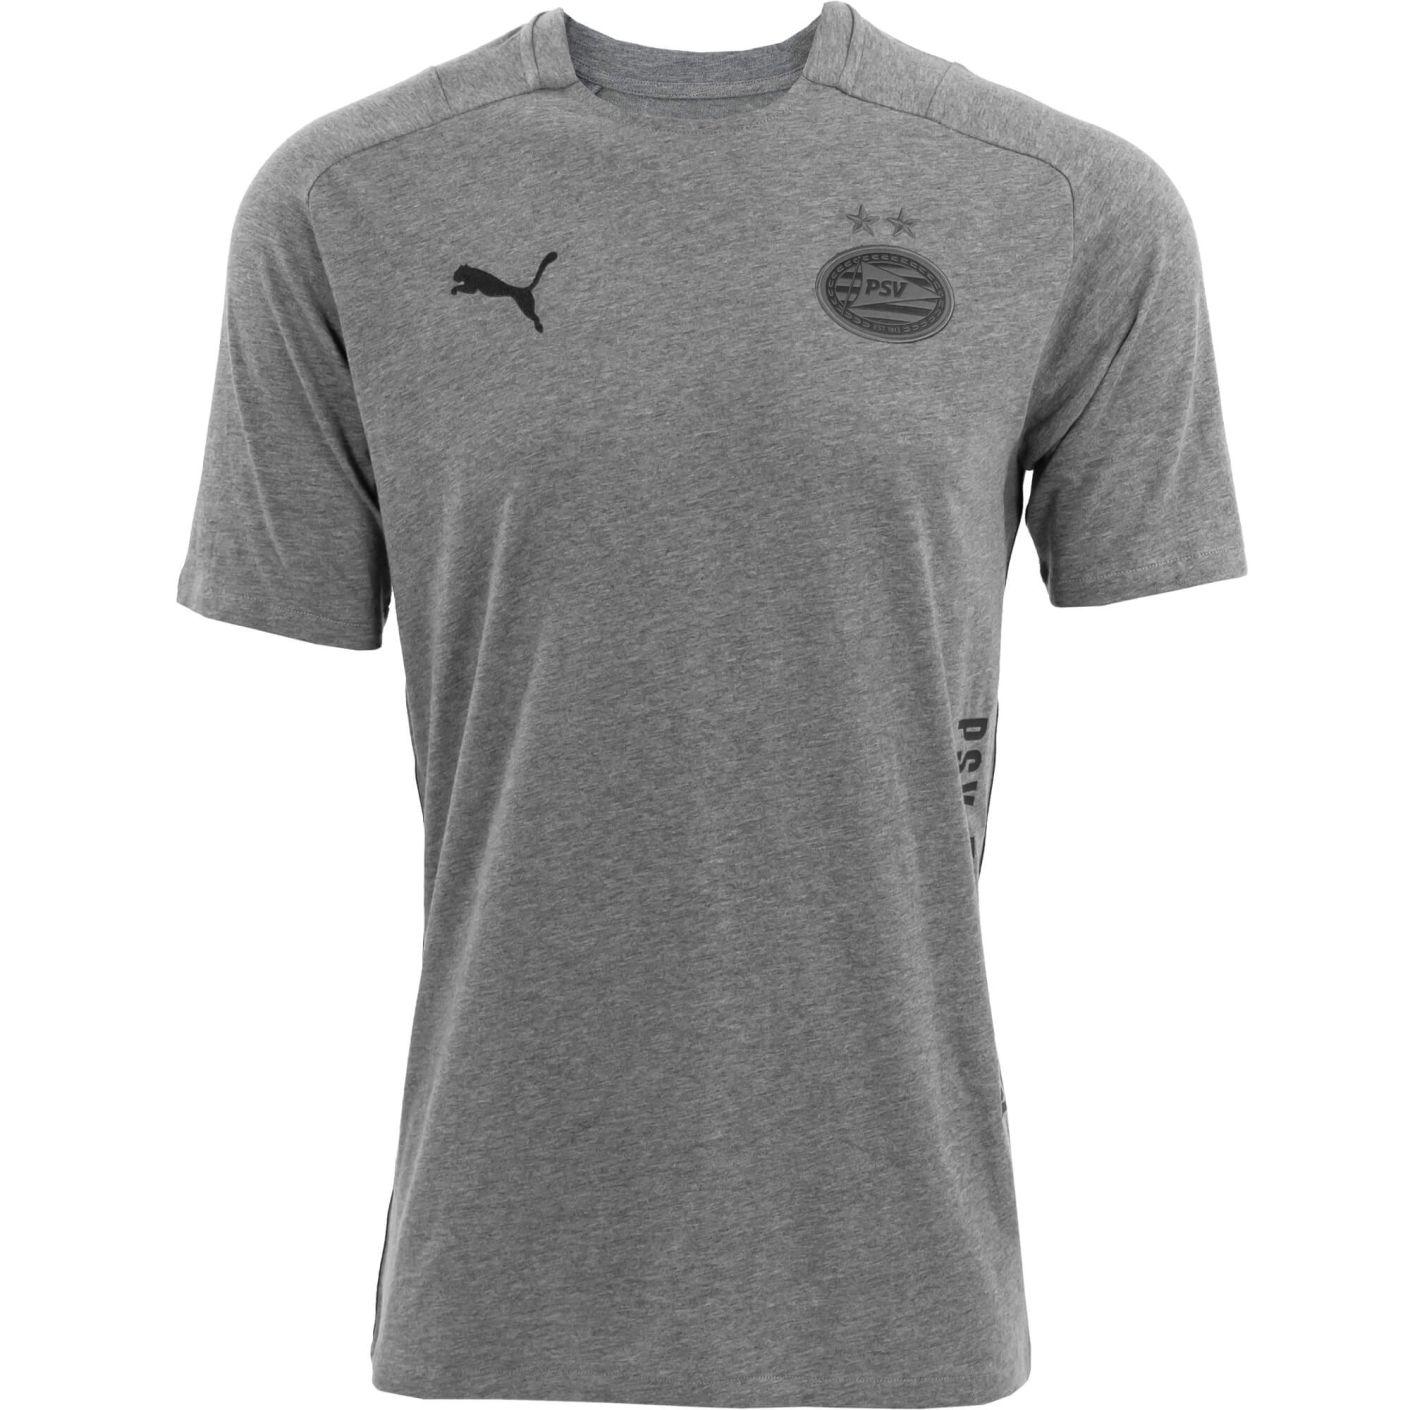 PSV Casuals T-Shirt Grijs 21/22